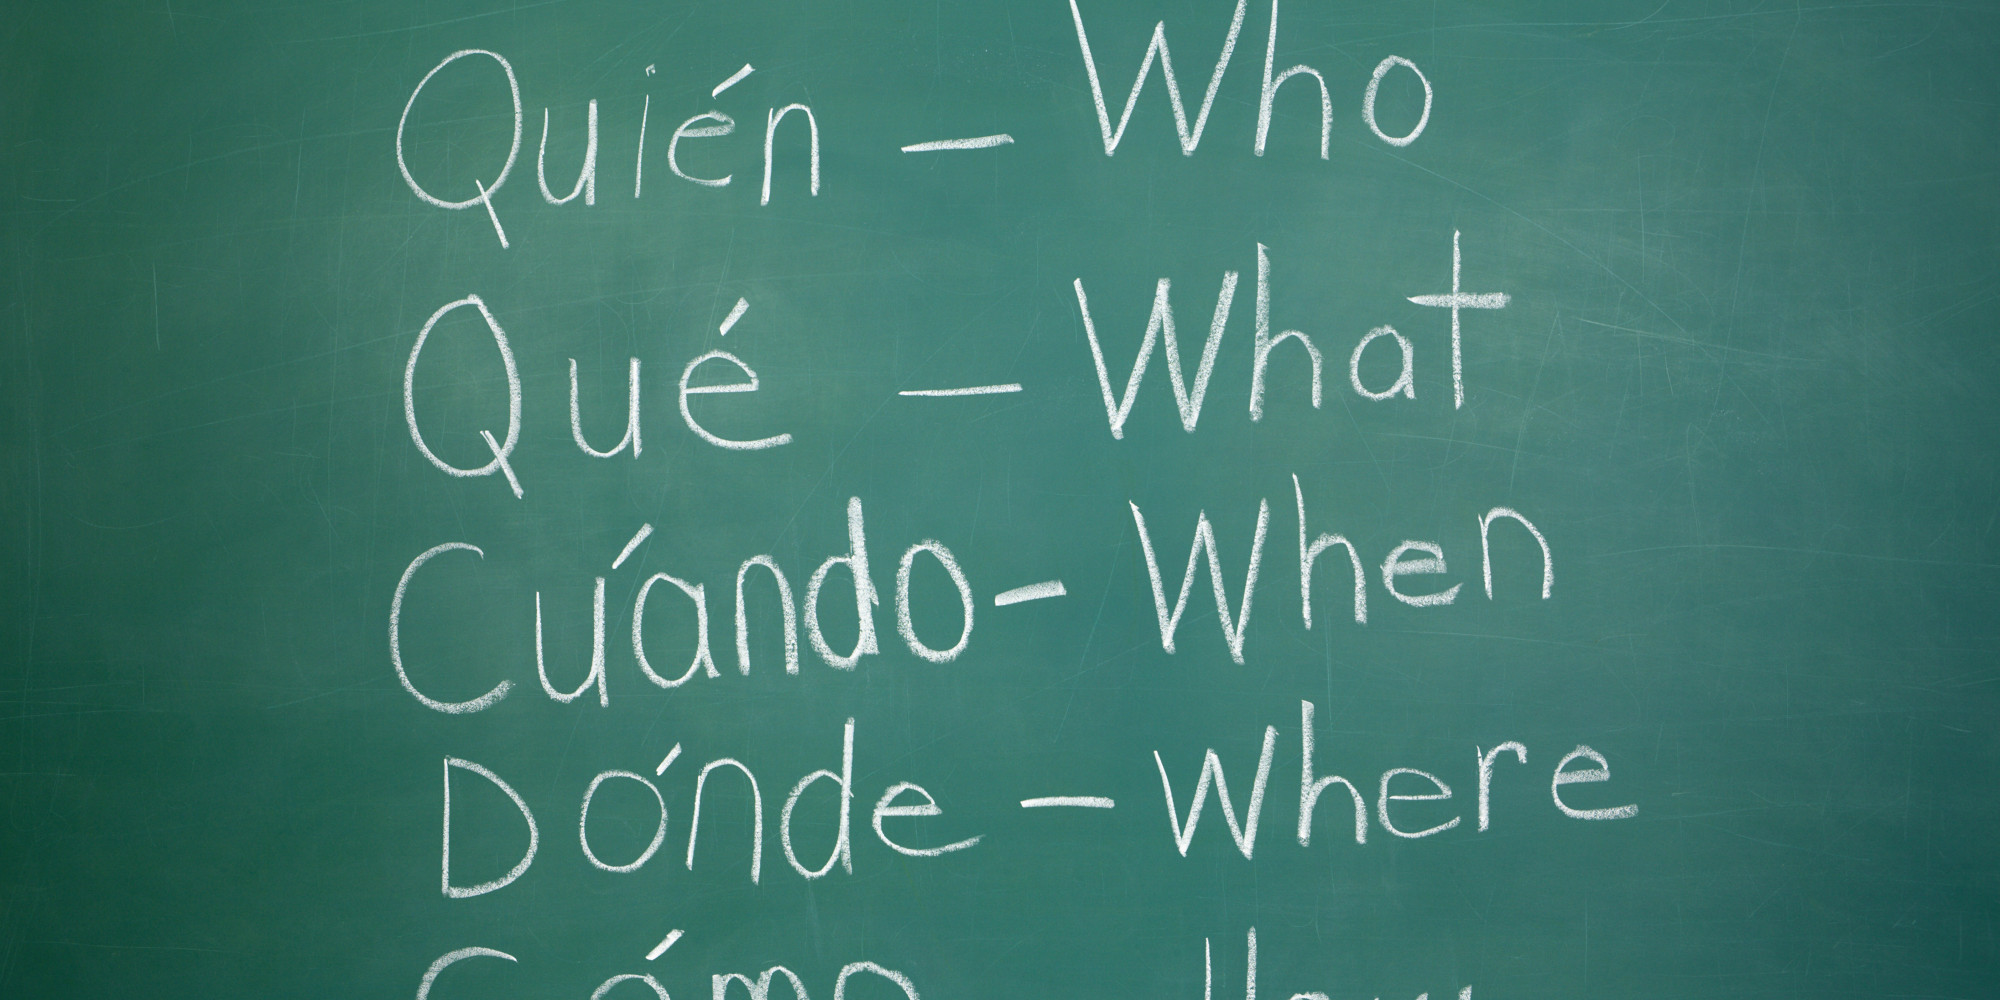 Tiếng Tây Ban Nha